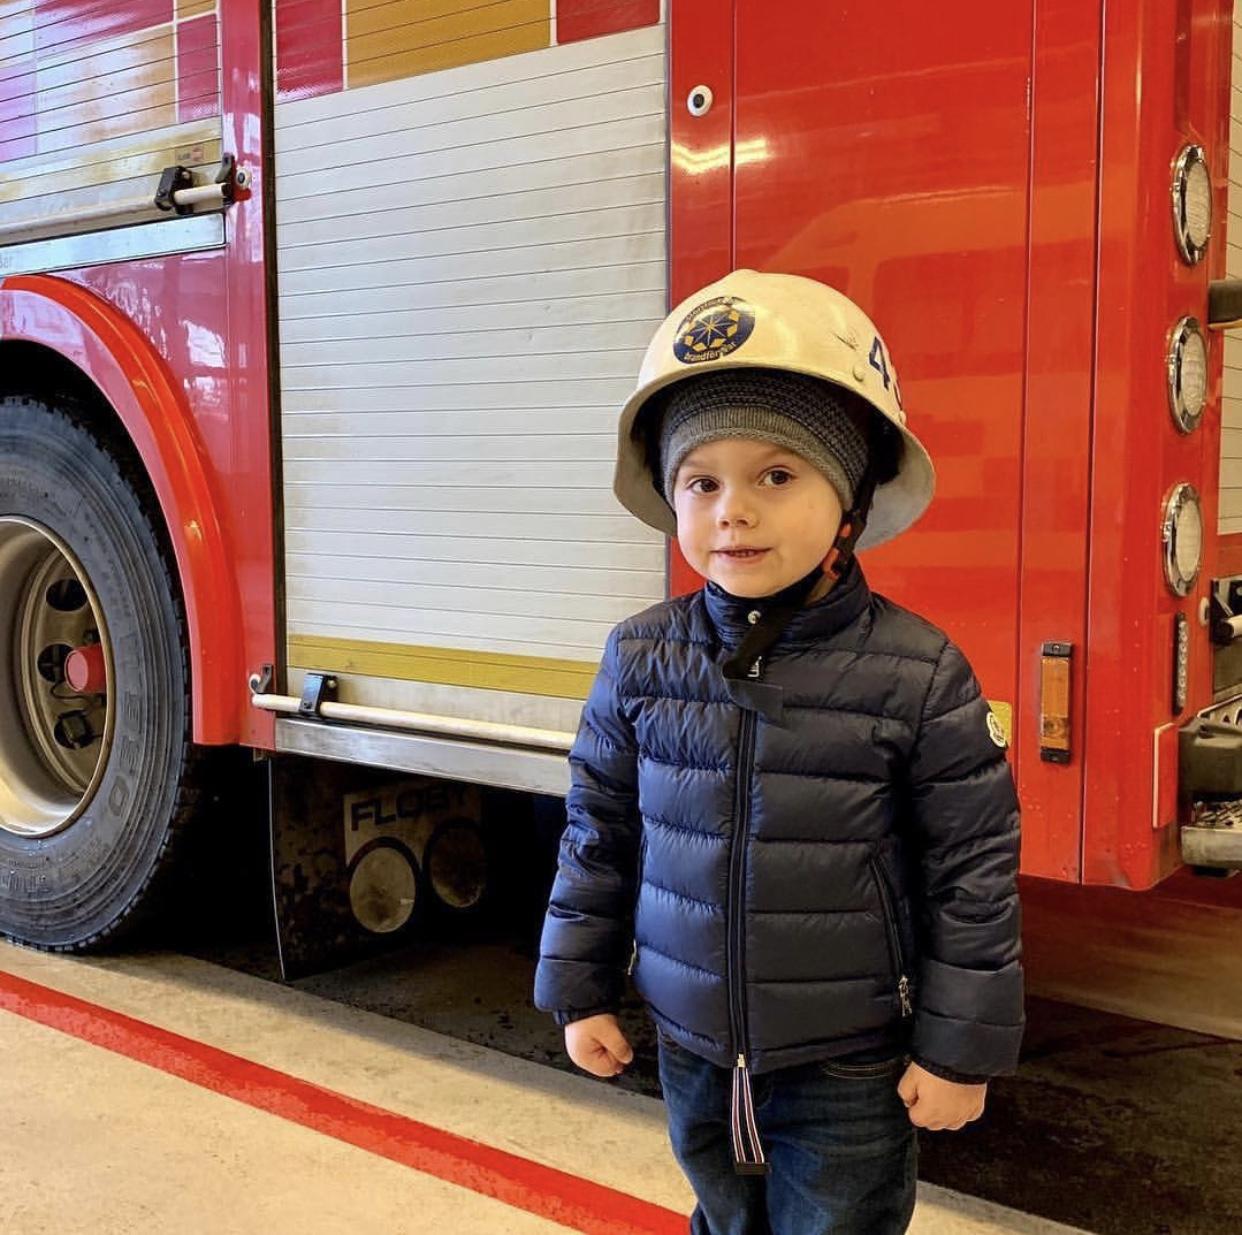 Wie niedlich!Der Feuerwehrhelm ist zwar etwas groß, aber Prinz Oscar trägt ihn trotzdem voller Stolz.  ©Kungl. Hovstaterna